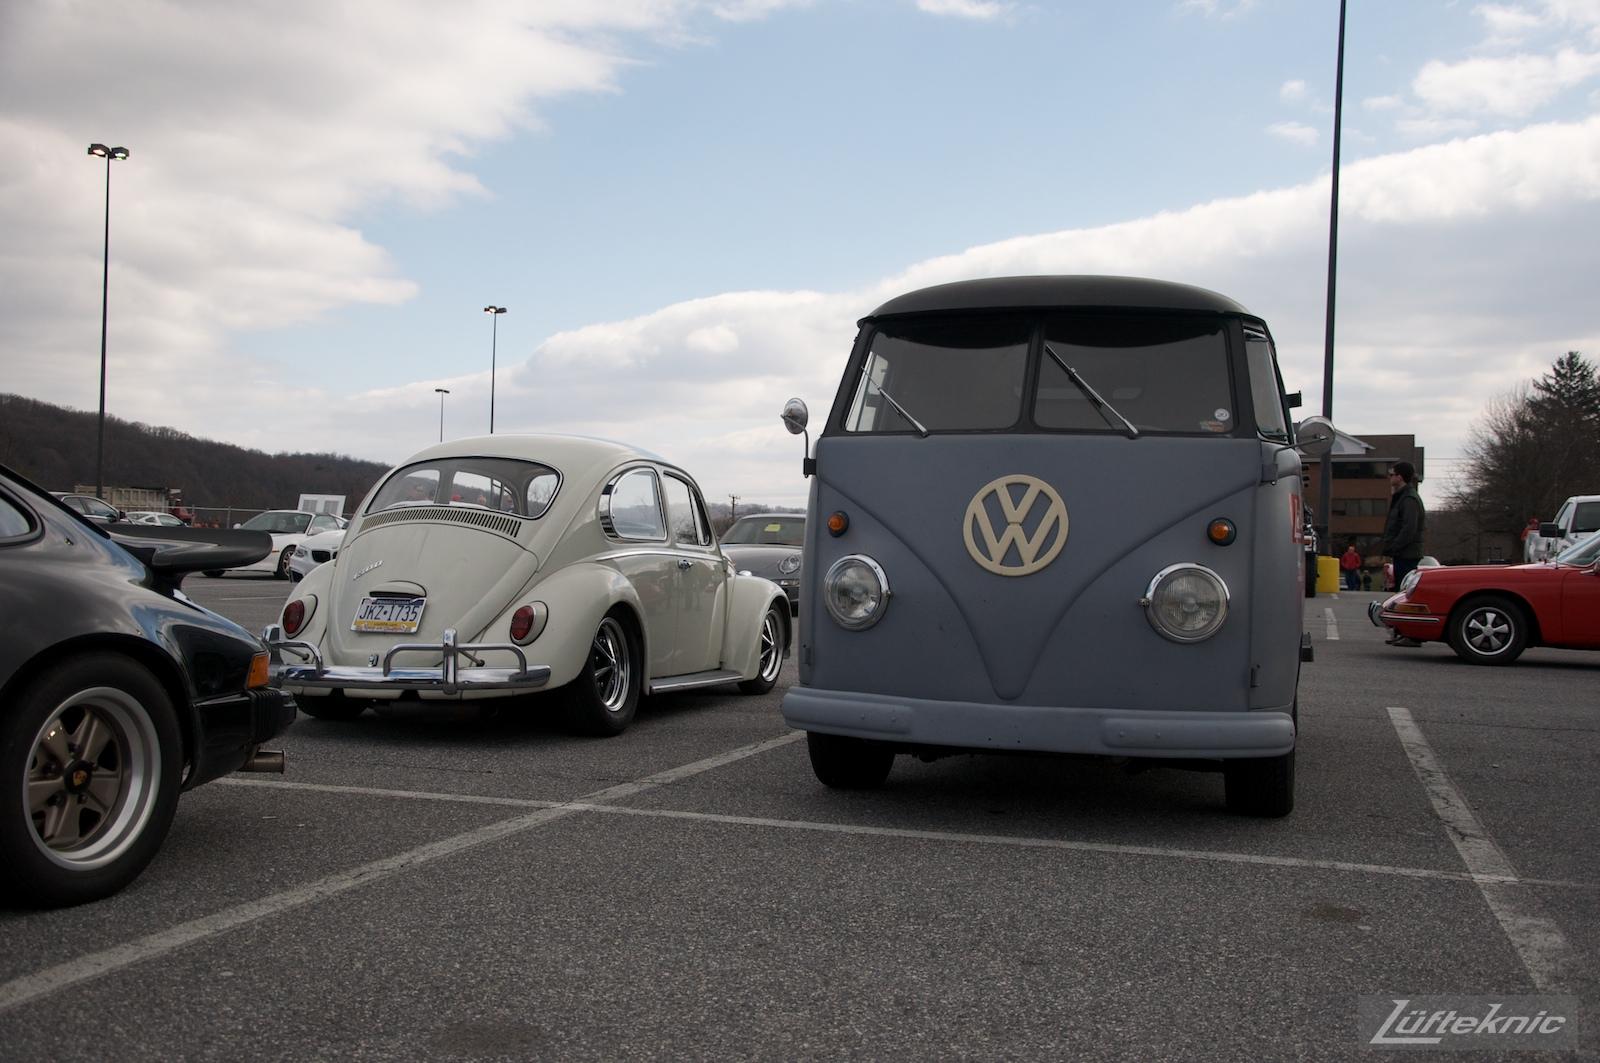 1956 Volkswagen double panel Transporter Lüfteknic Porsche Bus.